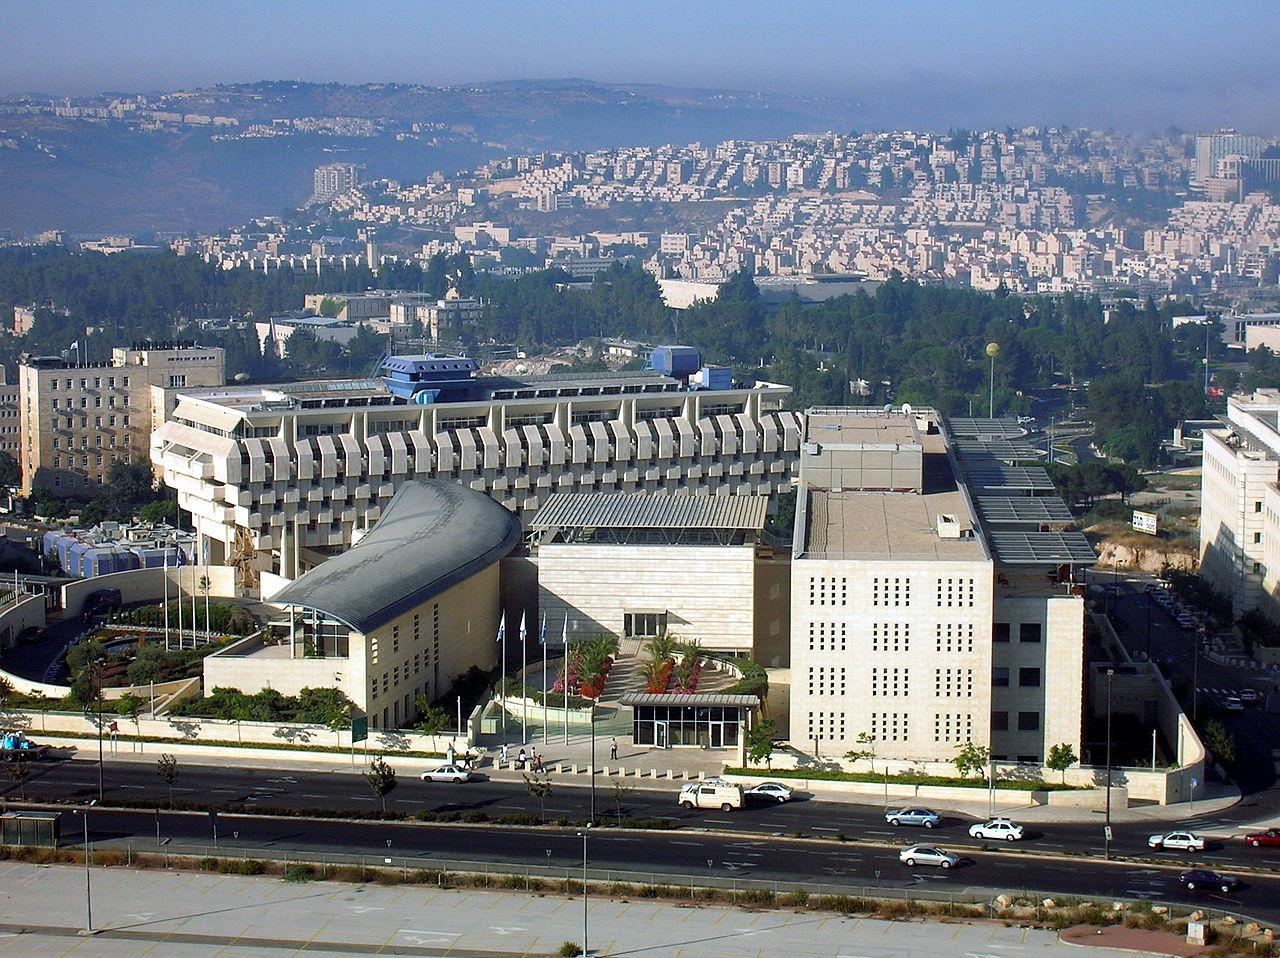 משרד בהתפרקות? בניין משרד החוץ בירושלים (צילום: ויקיפדיה)